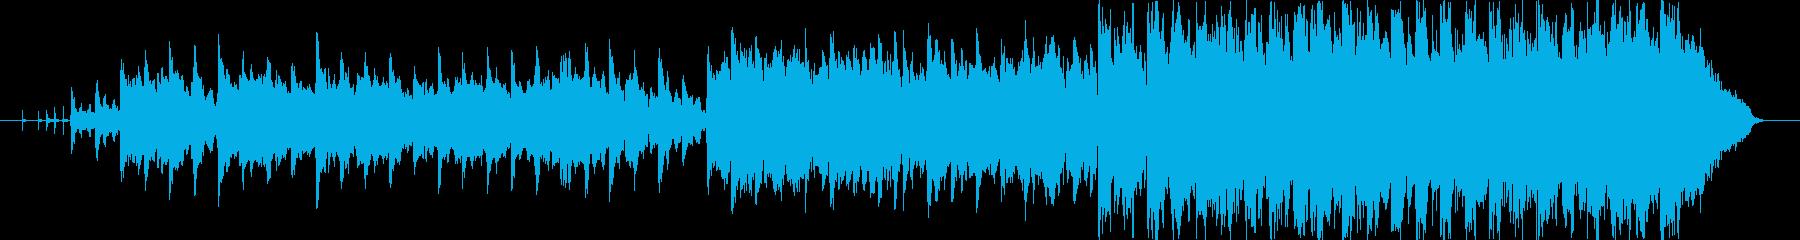 ドナウ川のさざ波調のオーケストラワルツの再生済みの波形